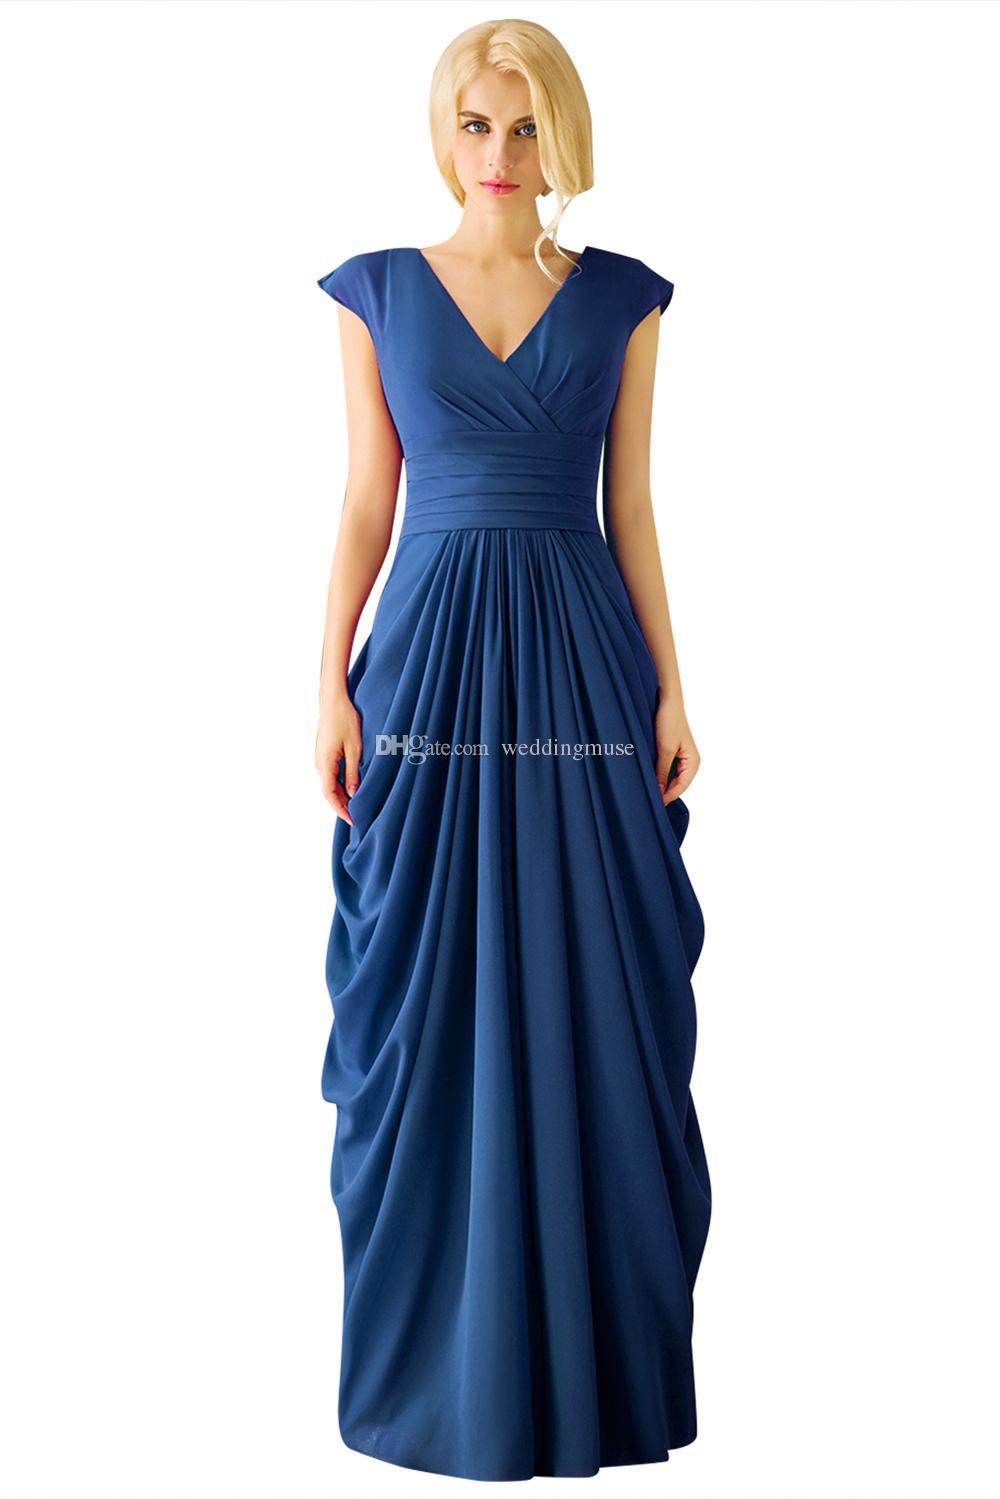 플러스 사이즈 신부 드레스의 어머니 공식적인 긴 가운 보라색 시폰 선 바닥 길이 Pleats 2021 파티 드레스 여성 EV134